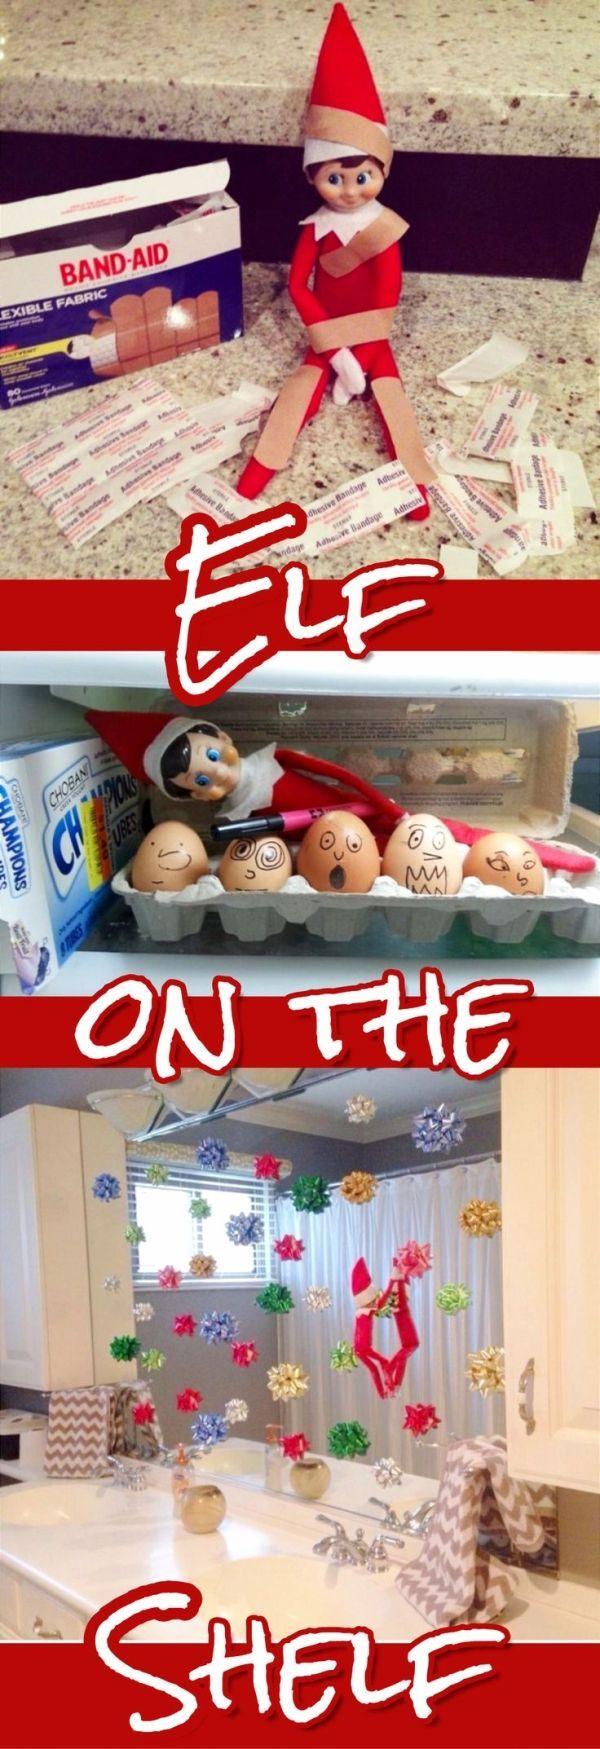 101+ Elf on the Shelf Ideas for Christmas 2020 (crazy elf! such PRANKS!)